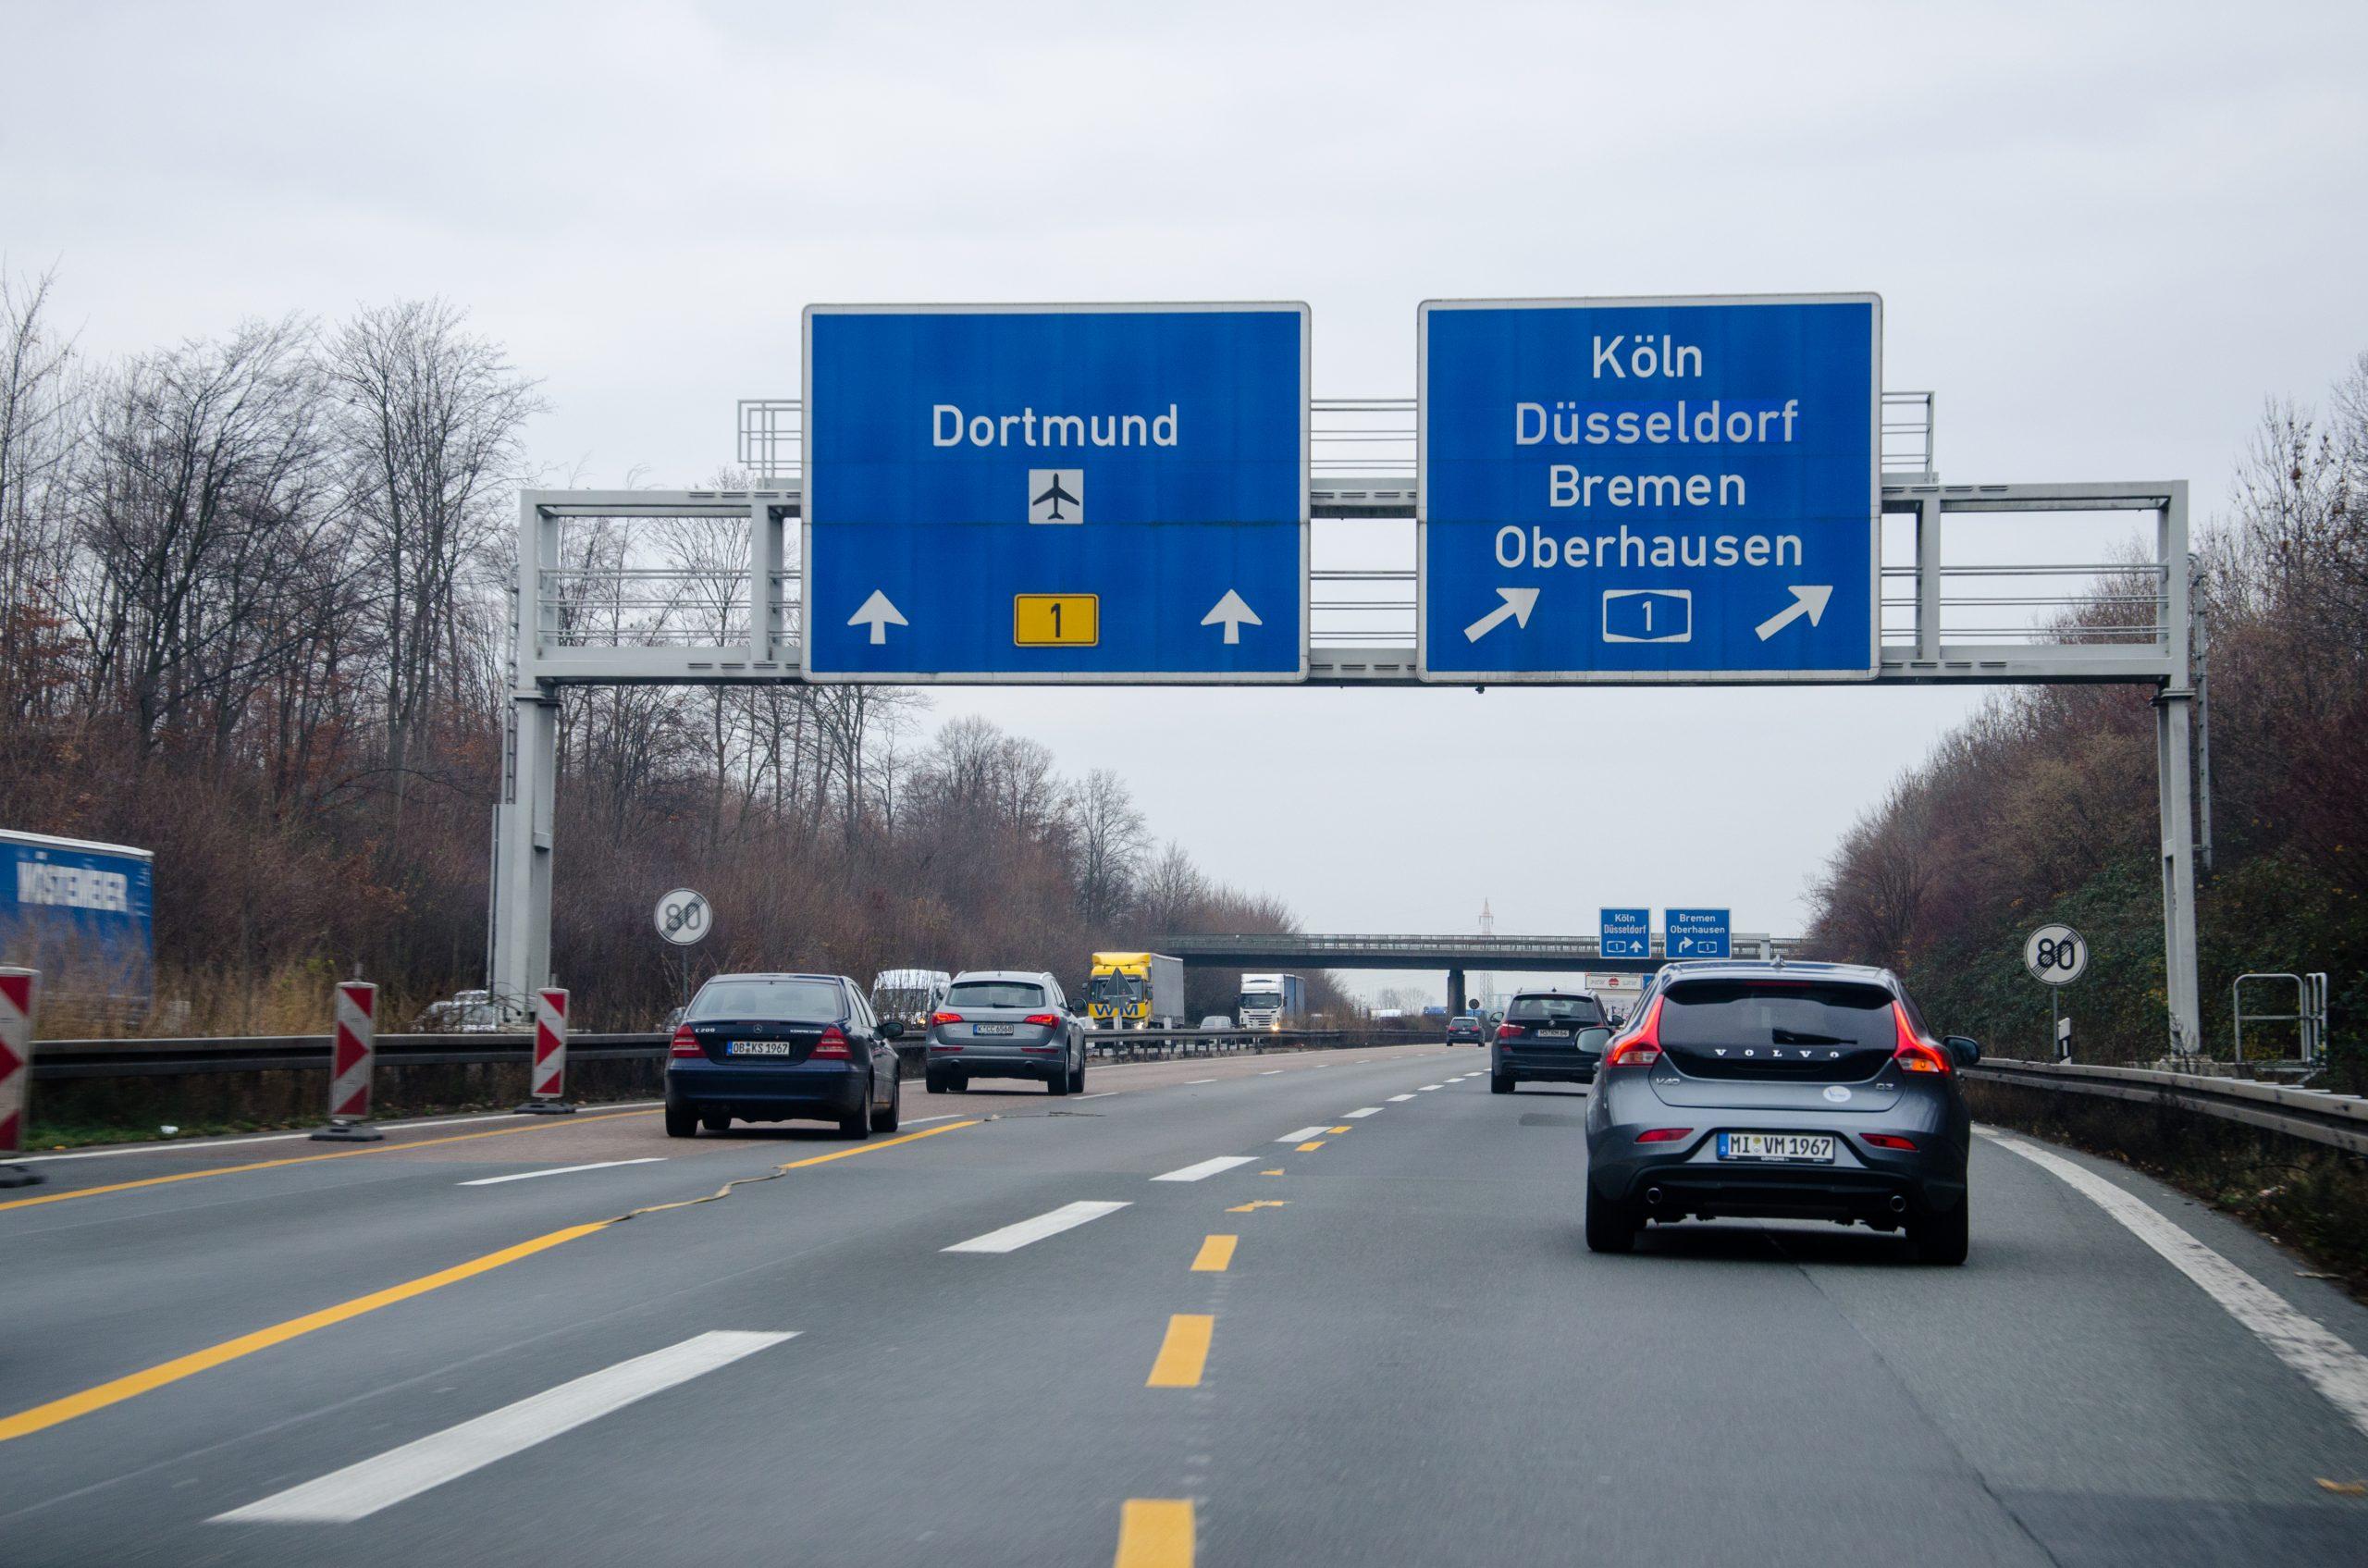 autobahn, ograničenje